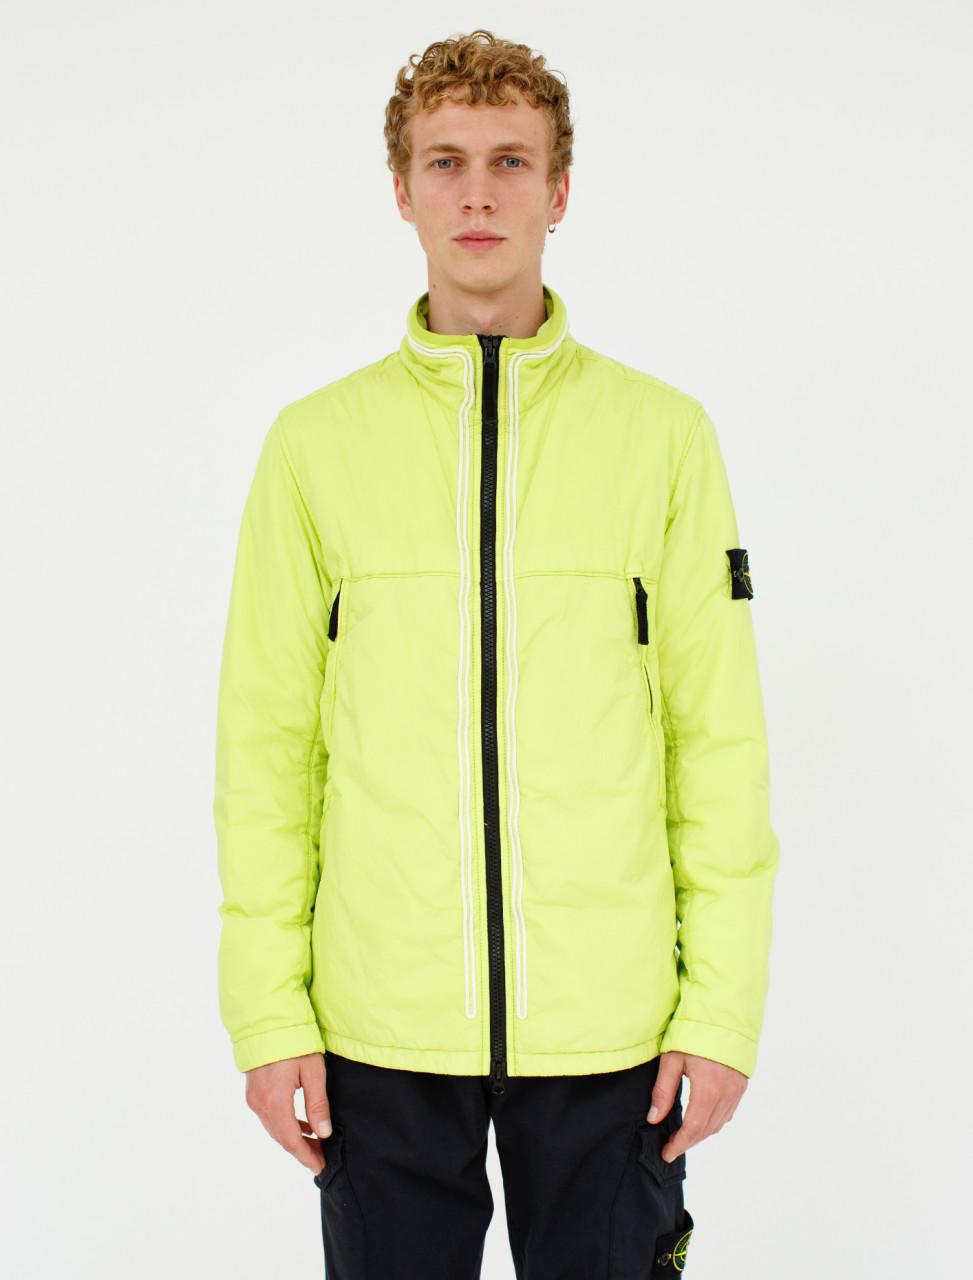 Jacket in Pistachio